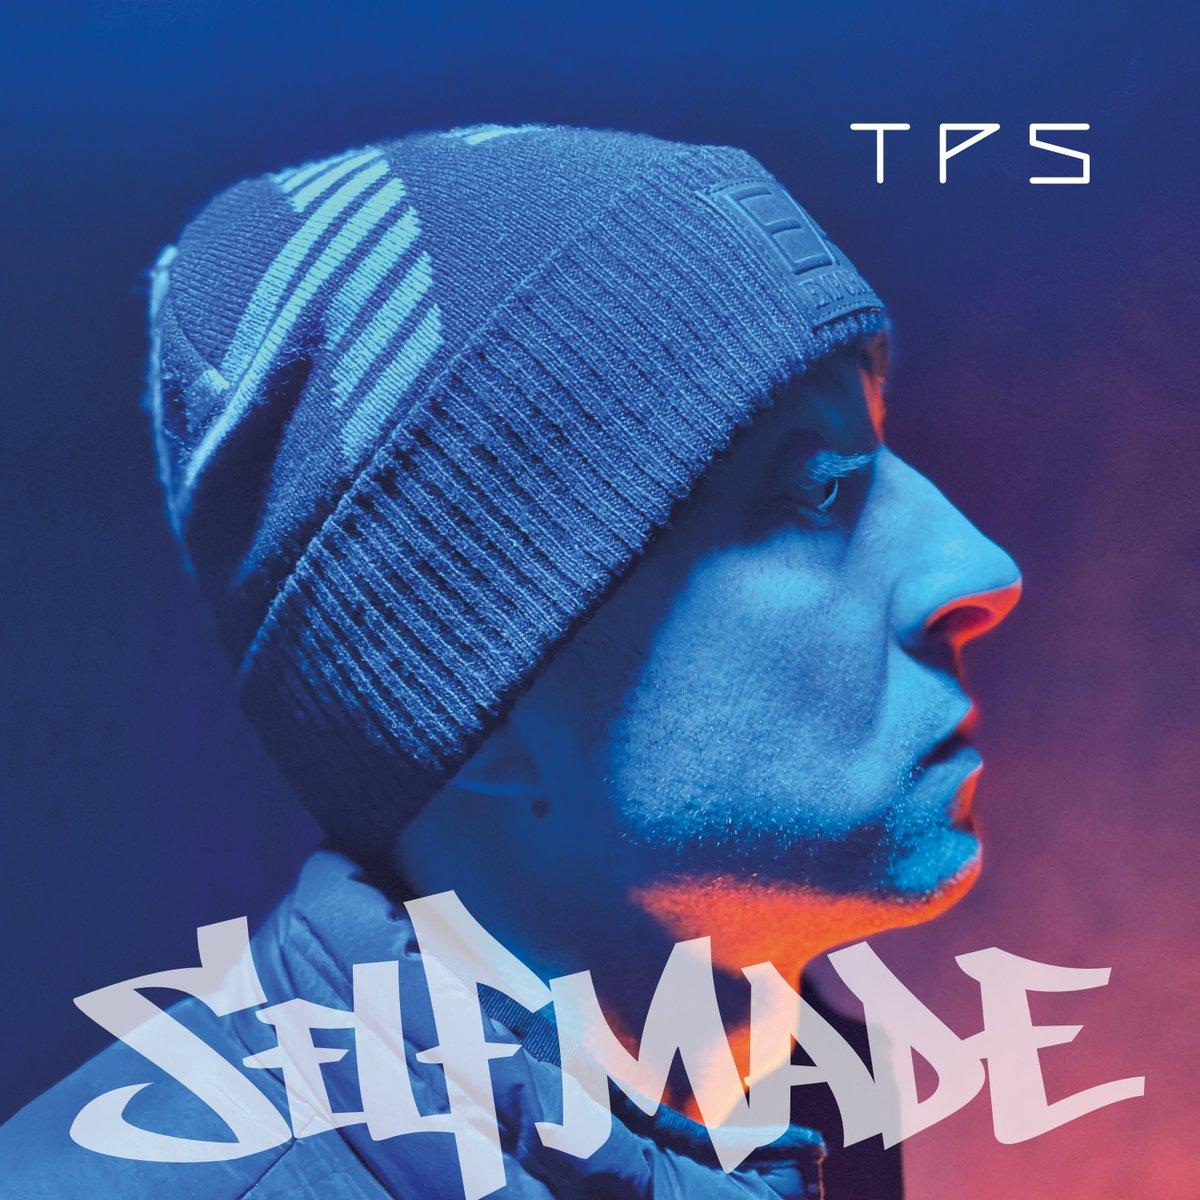 TPS_SELFMADE